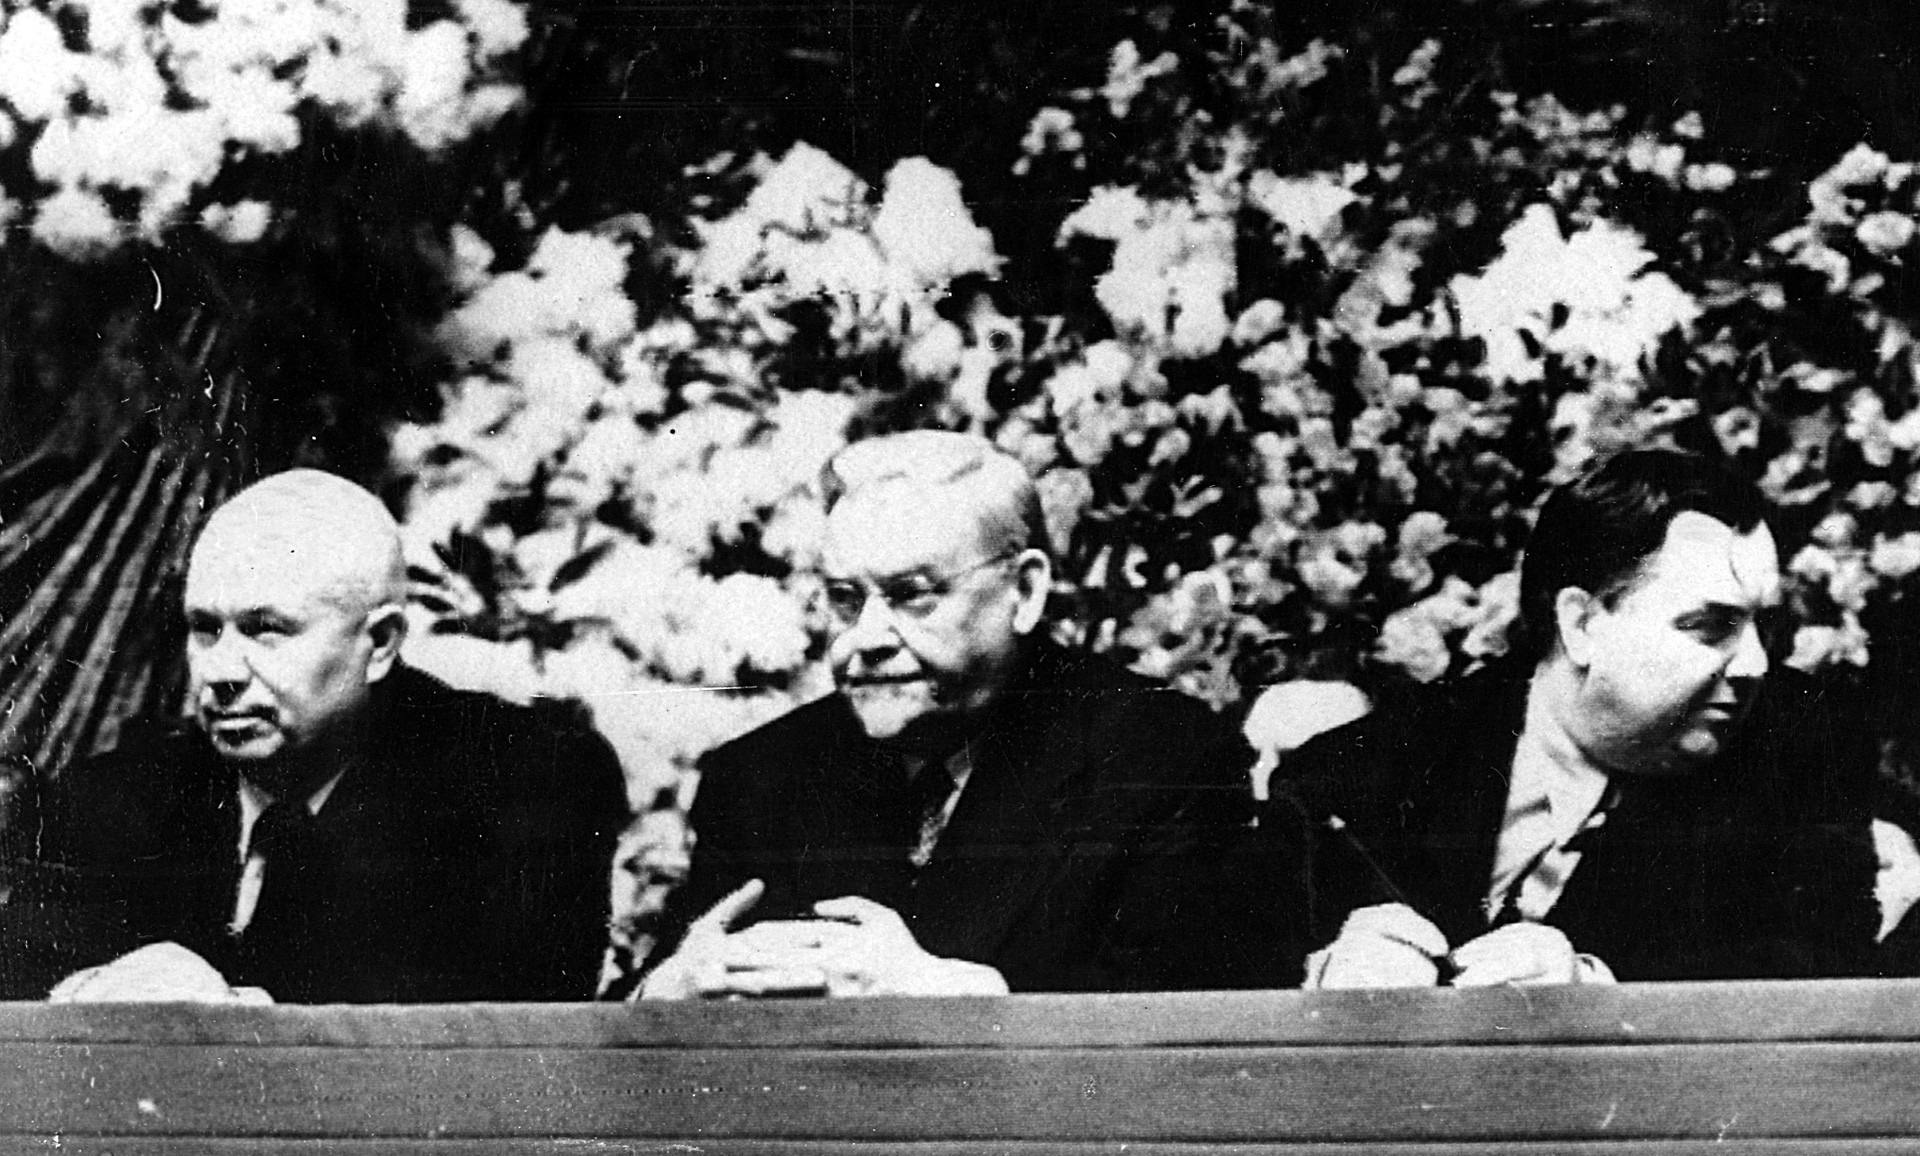 Sovjetski političari Nikita Hruščov, Nikolaj Bulganjin i Georgij Maksimilijanovič Malenkov.